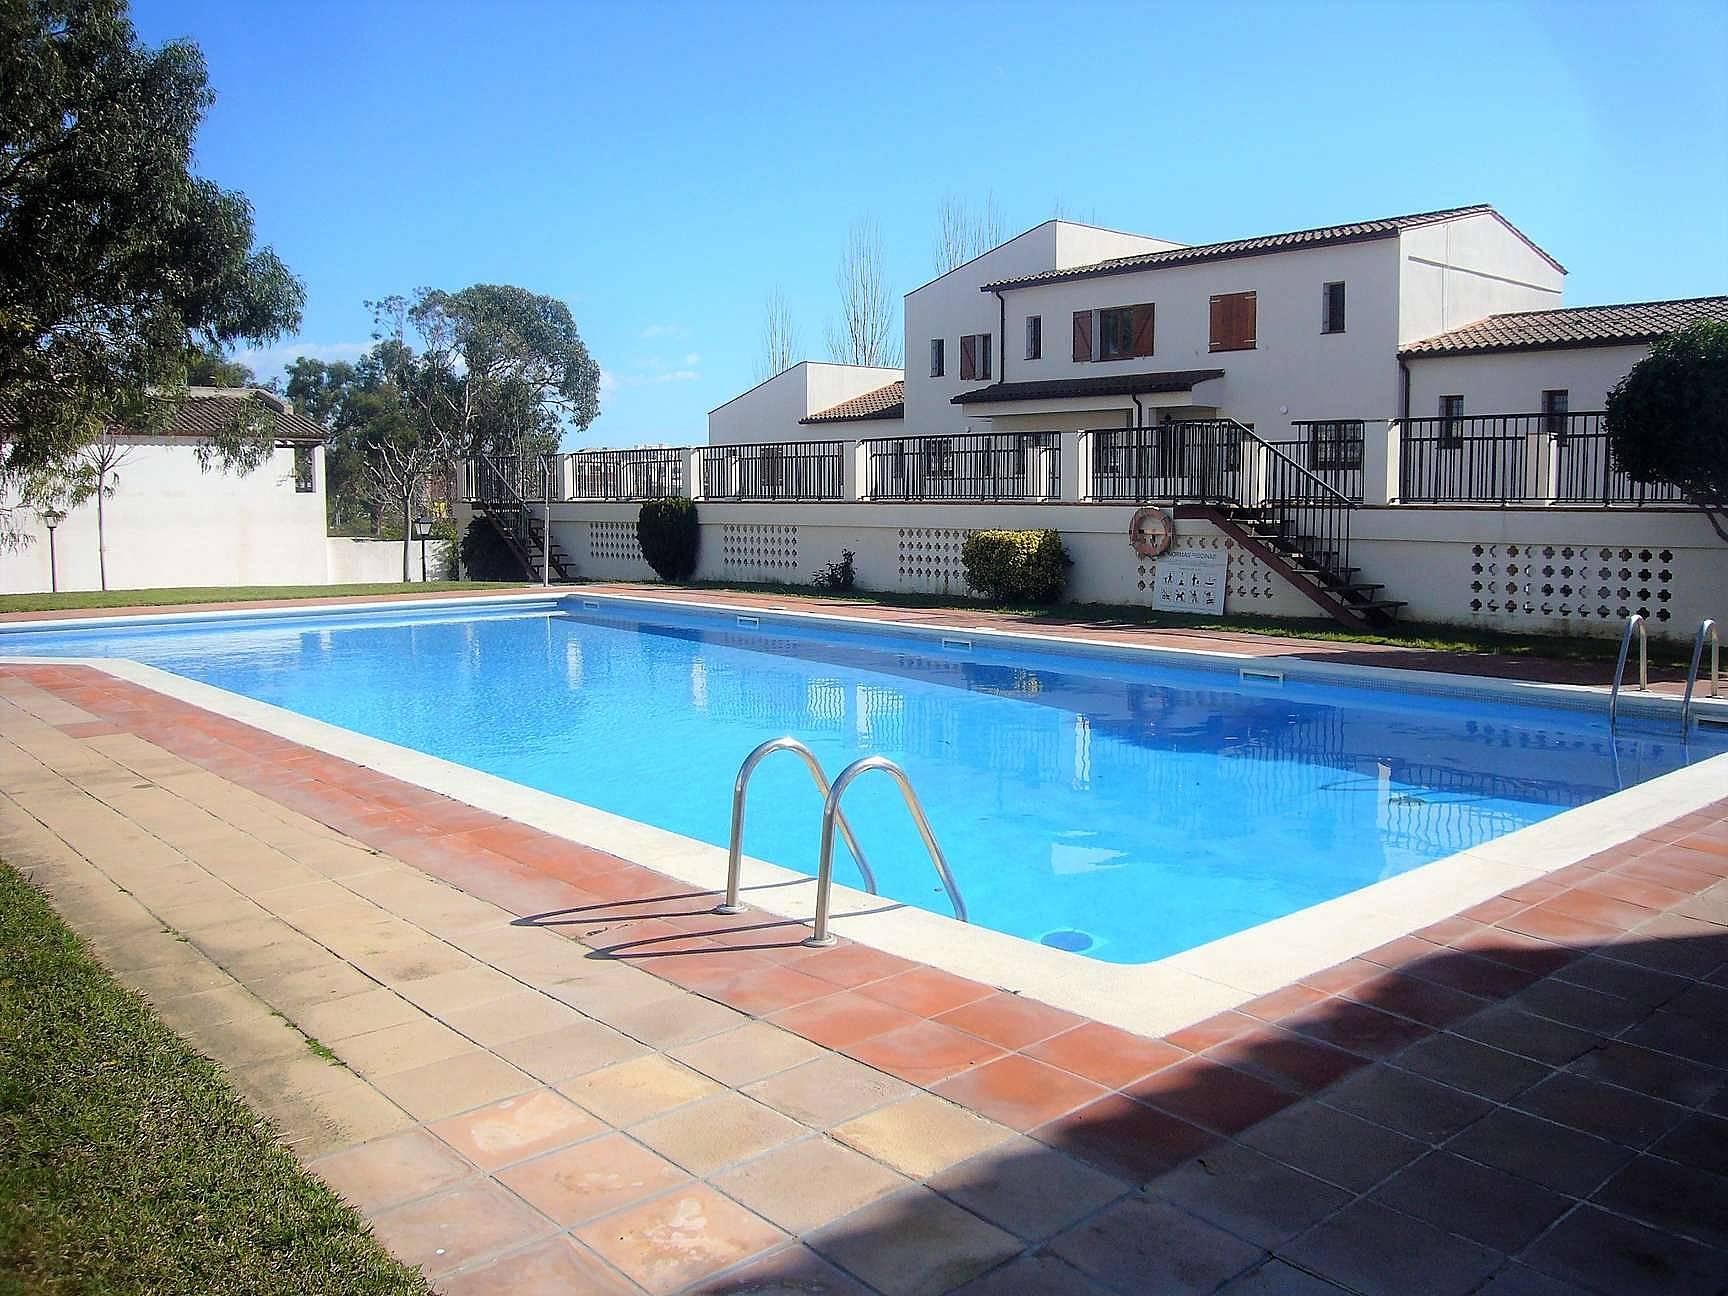 Casa en alquiler a 100 m de la playa sant antoni de - Casas alquiler costa brava ...